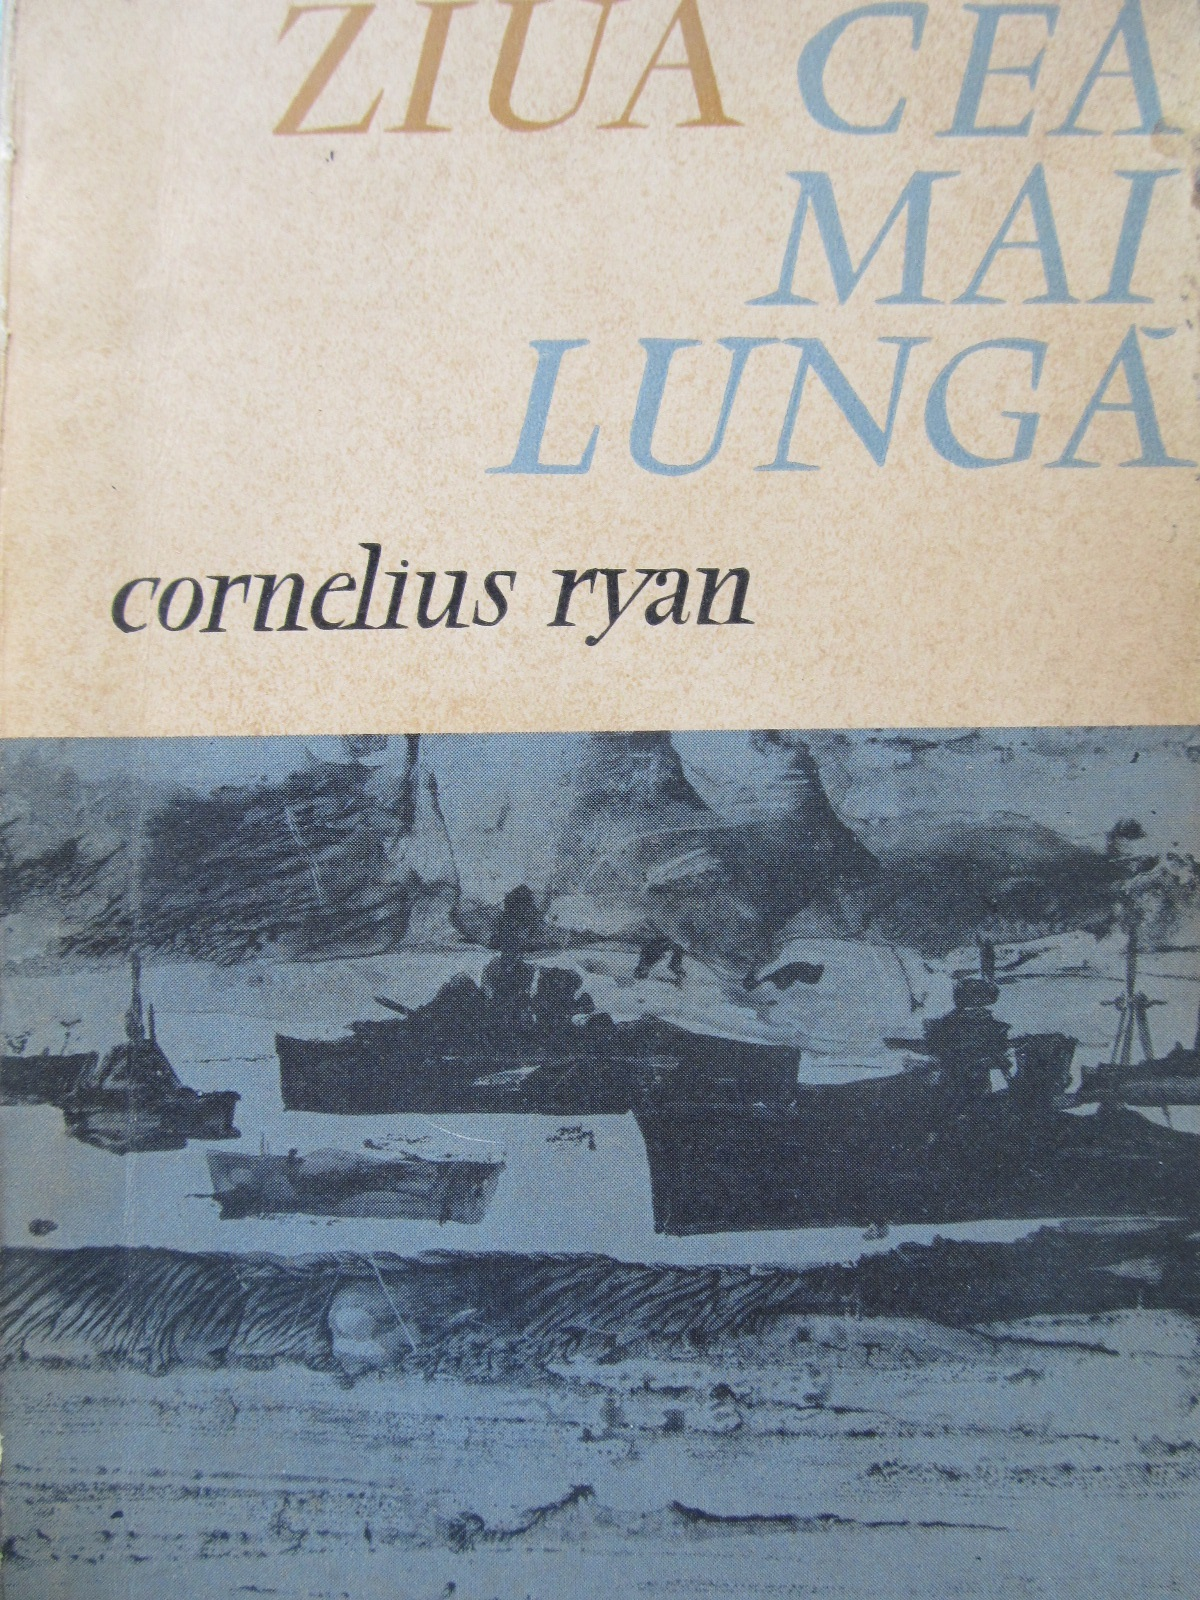 Ziua cea mai lunga - Cornelius Ryan | Detalii carte